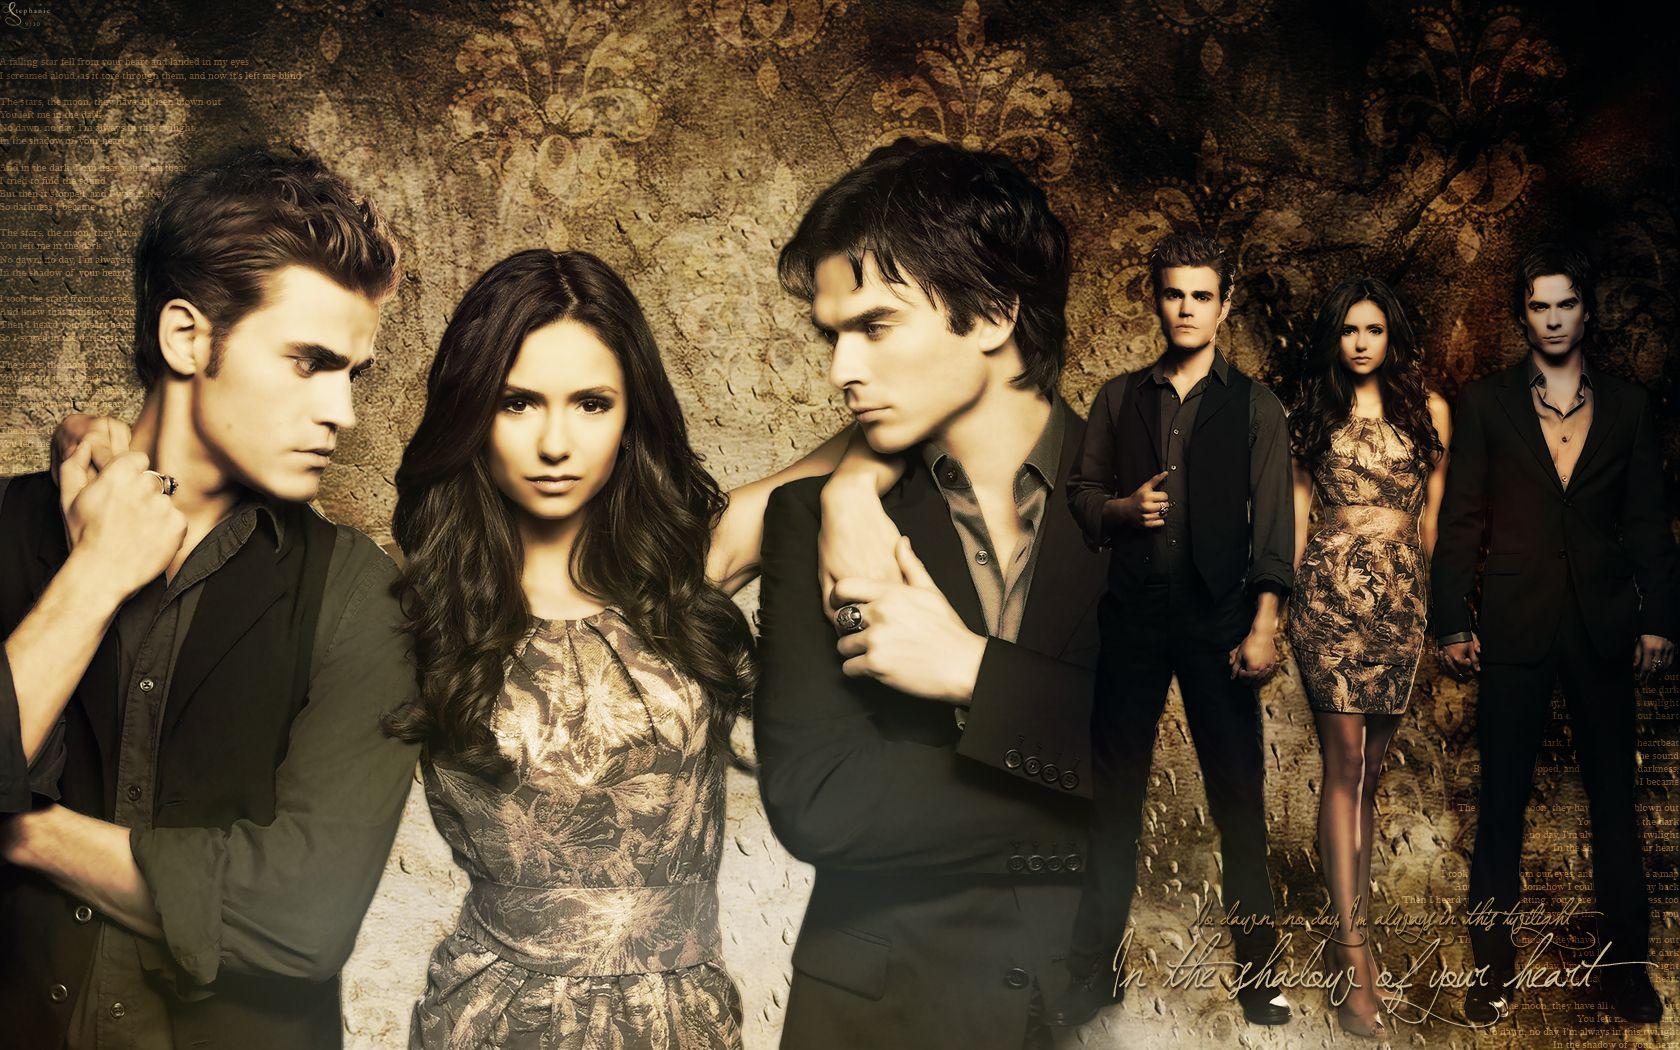 Google themes vampire diaries - The Vampire Diaries The Vampire Diaries Wallpaper 24772642 Fanpop Fanclubs